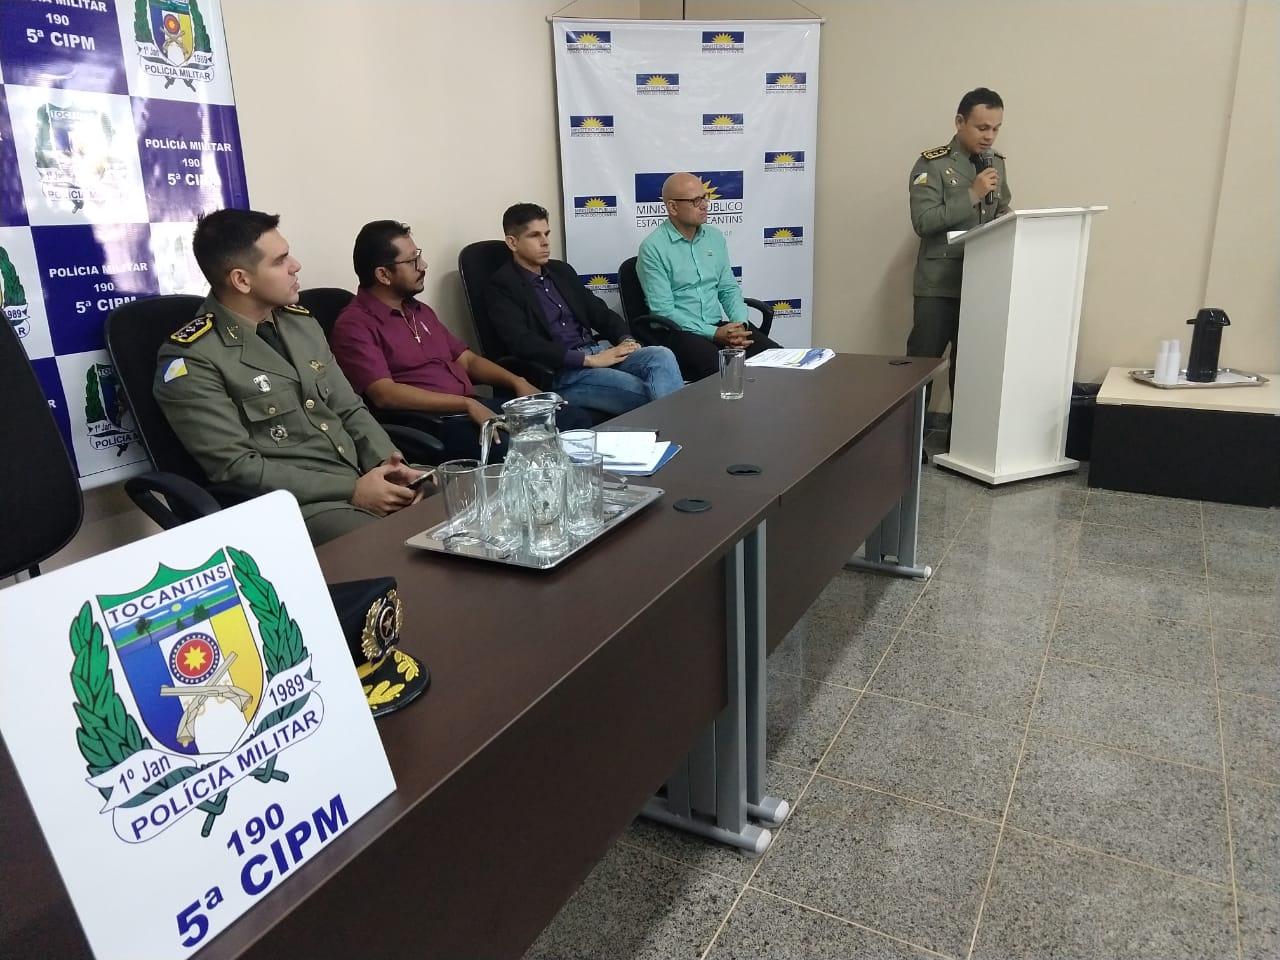 Assessoria de Polícia Comunitária e 5ª CIPM realizaram a solenidade de posse do Conselho Comunitário de Segurança Pública na cidade de Tocantinópolis